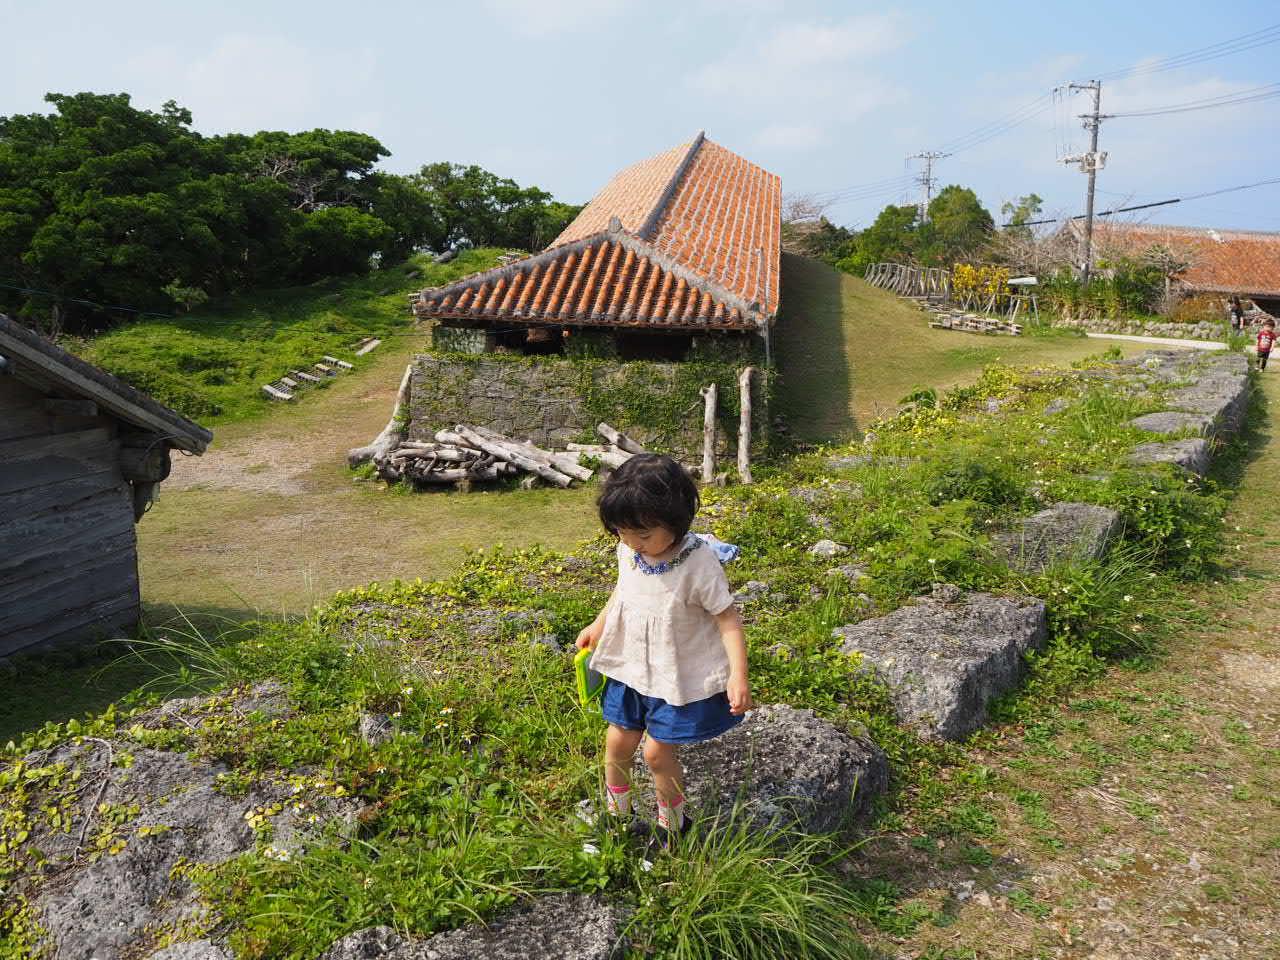 沖縄3日目 なんくるないさ一な日。_f0370091_21252852.jpg